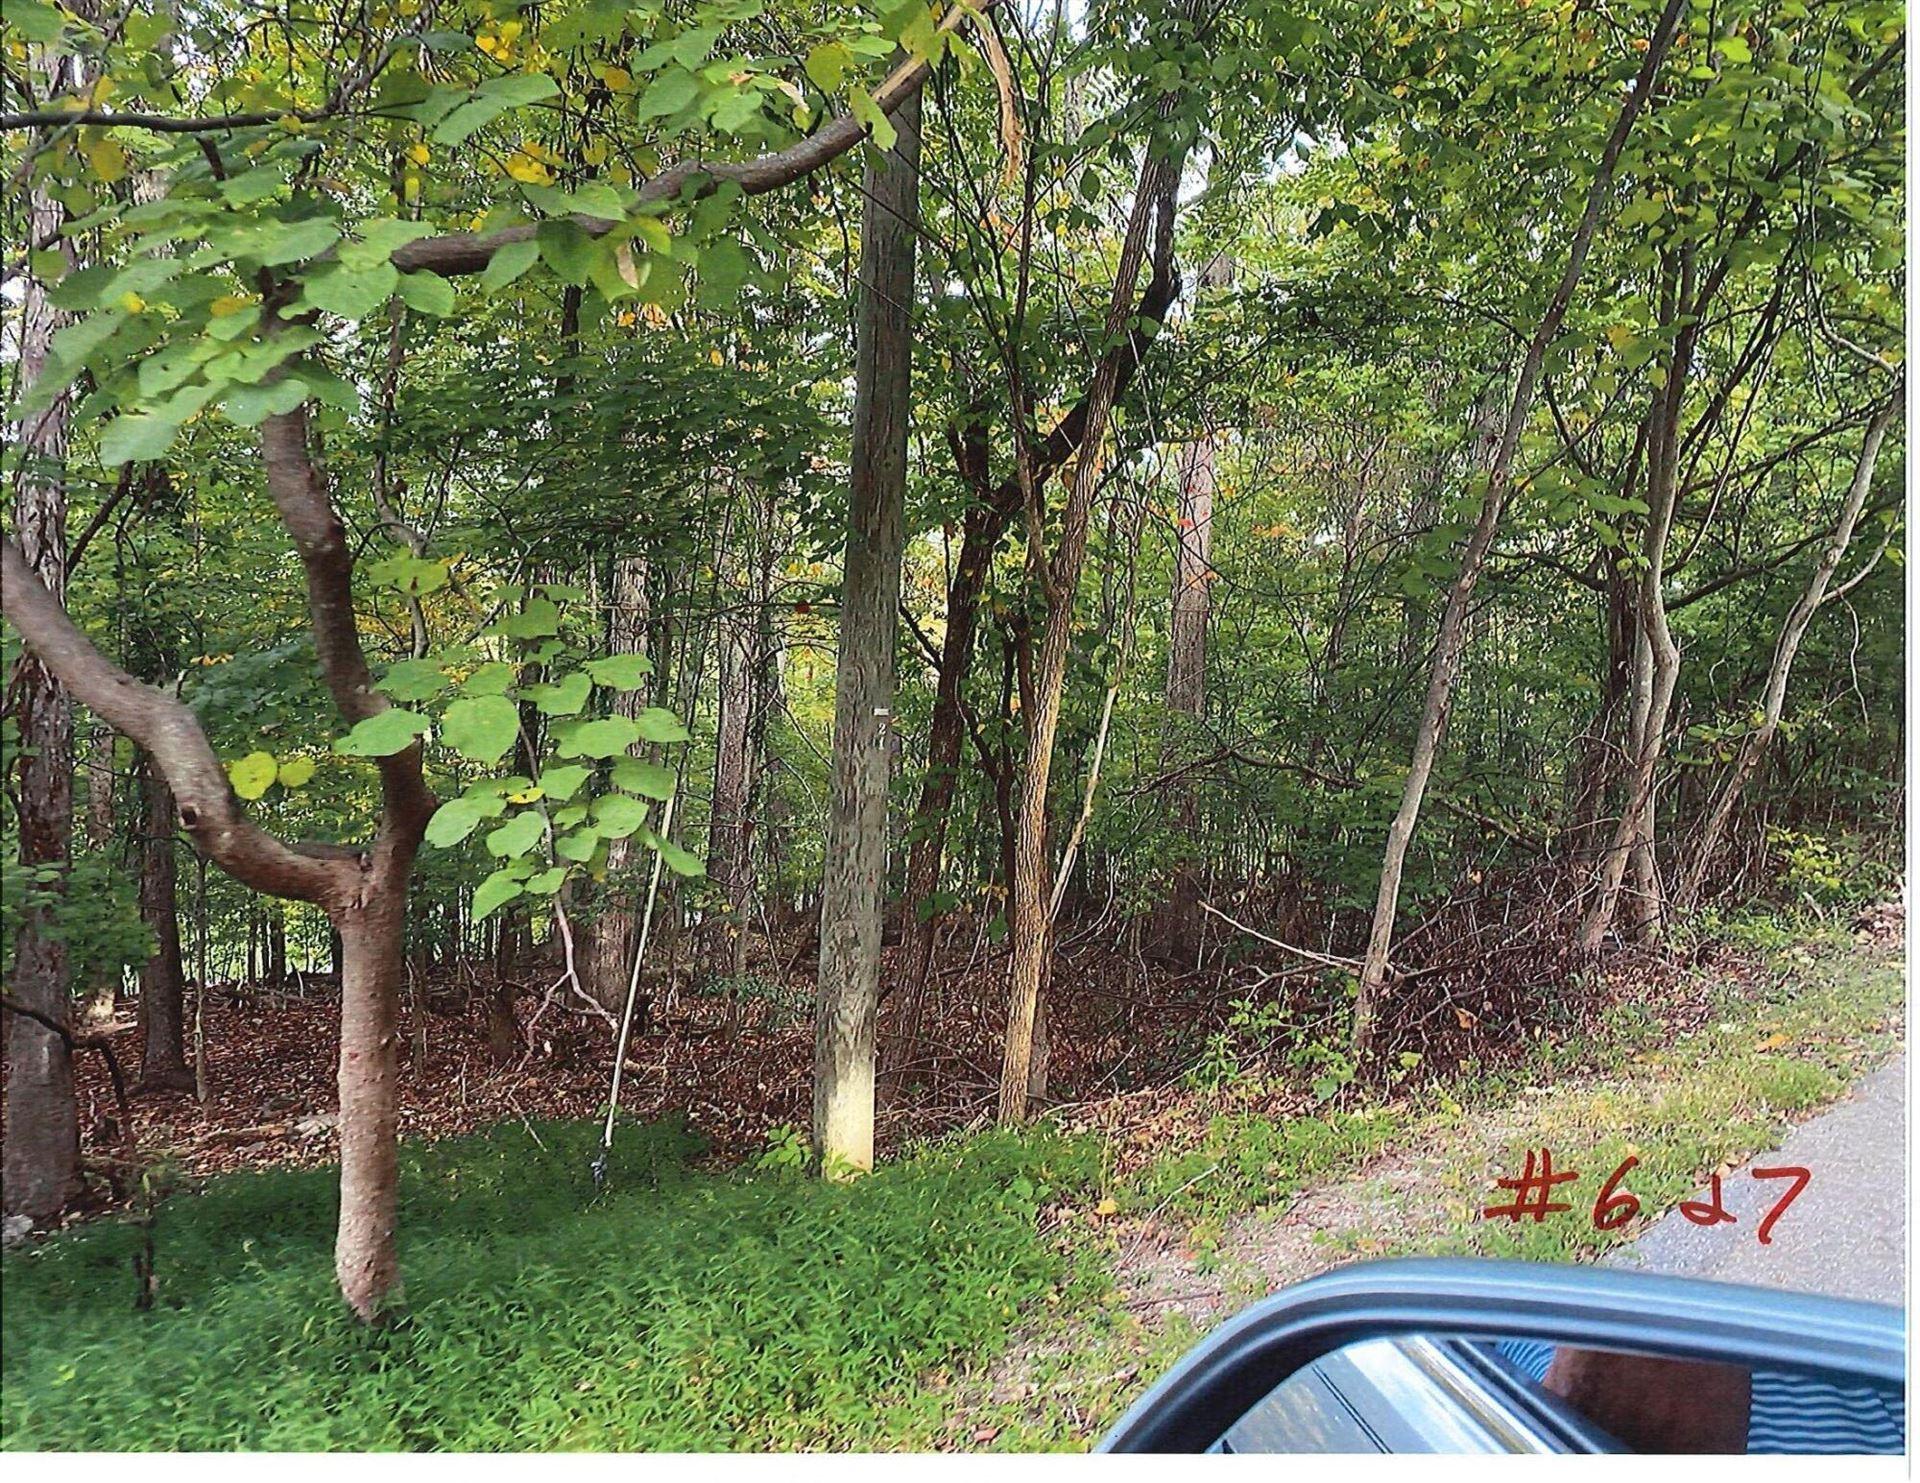 Photo of Lot 16 Grove Park Drive, Bristol, TN 37621 (MLS # 9930029)